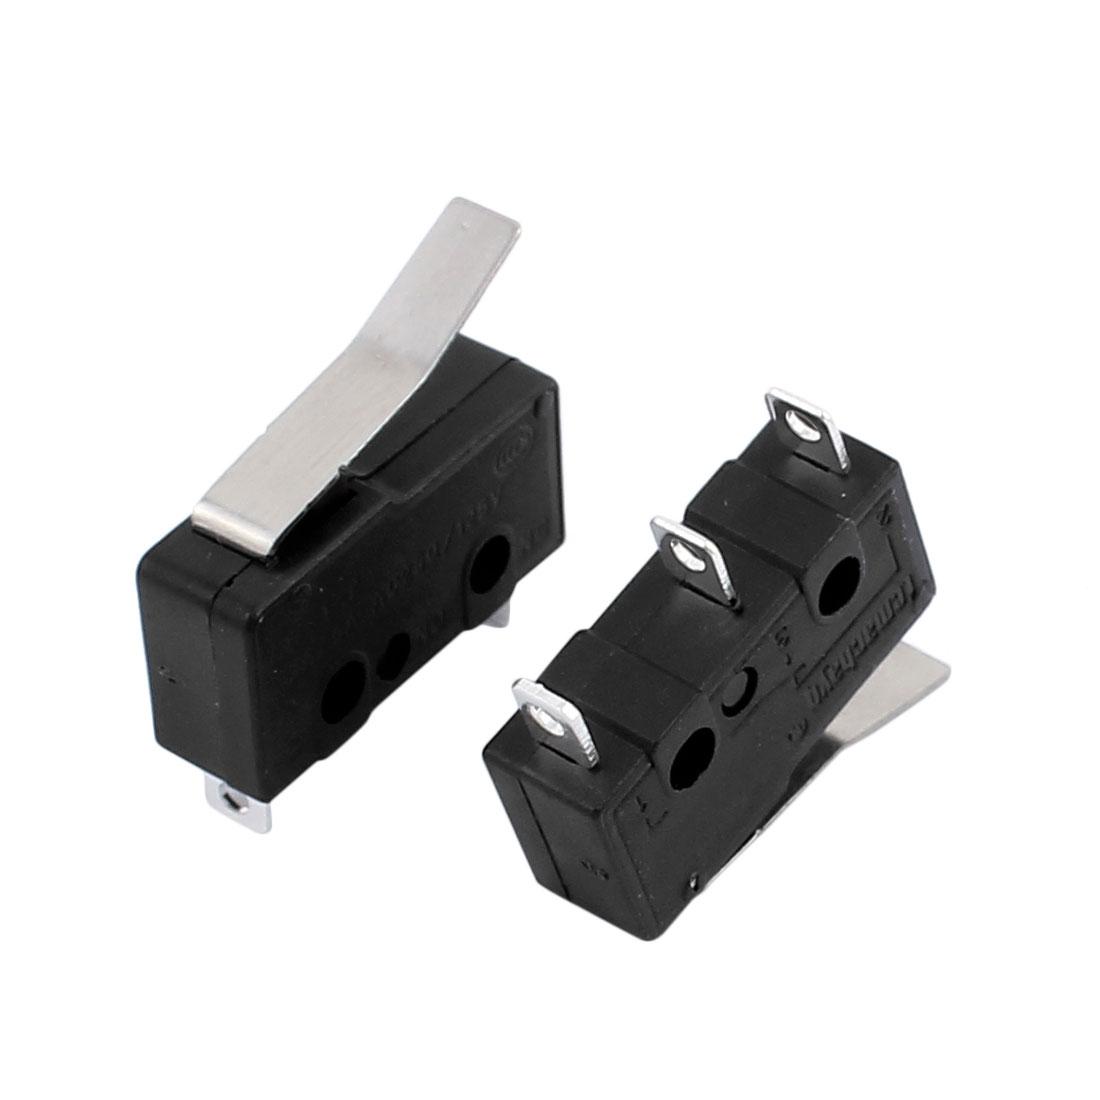 10Pcs AC250/125V 3A 3P 18mm momentanée micro-interrupteur bras levier12-12 KW Noir - image 1 de 3